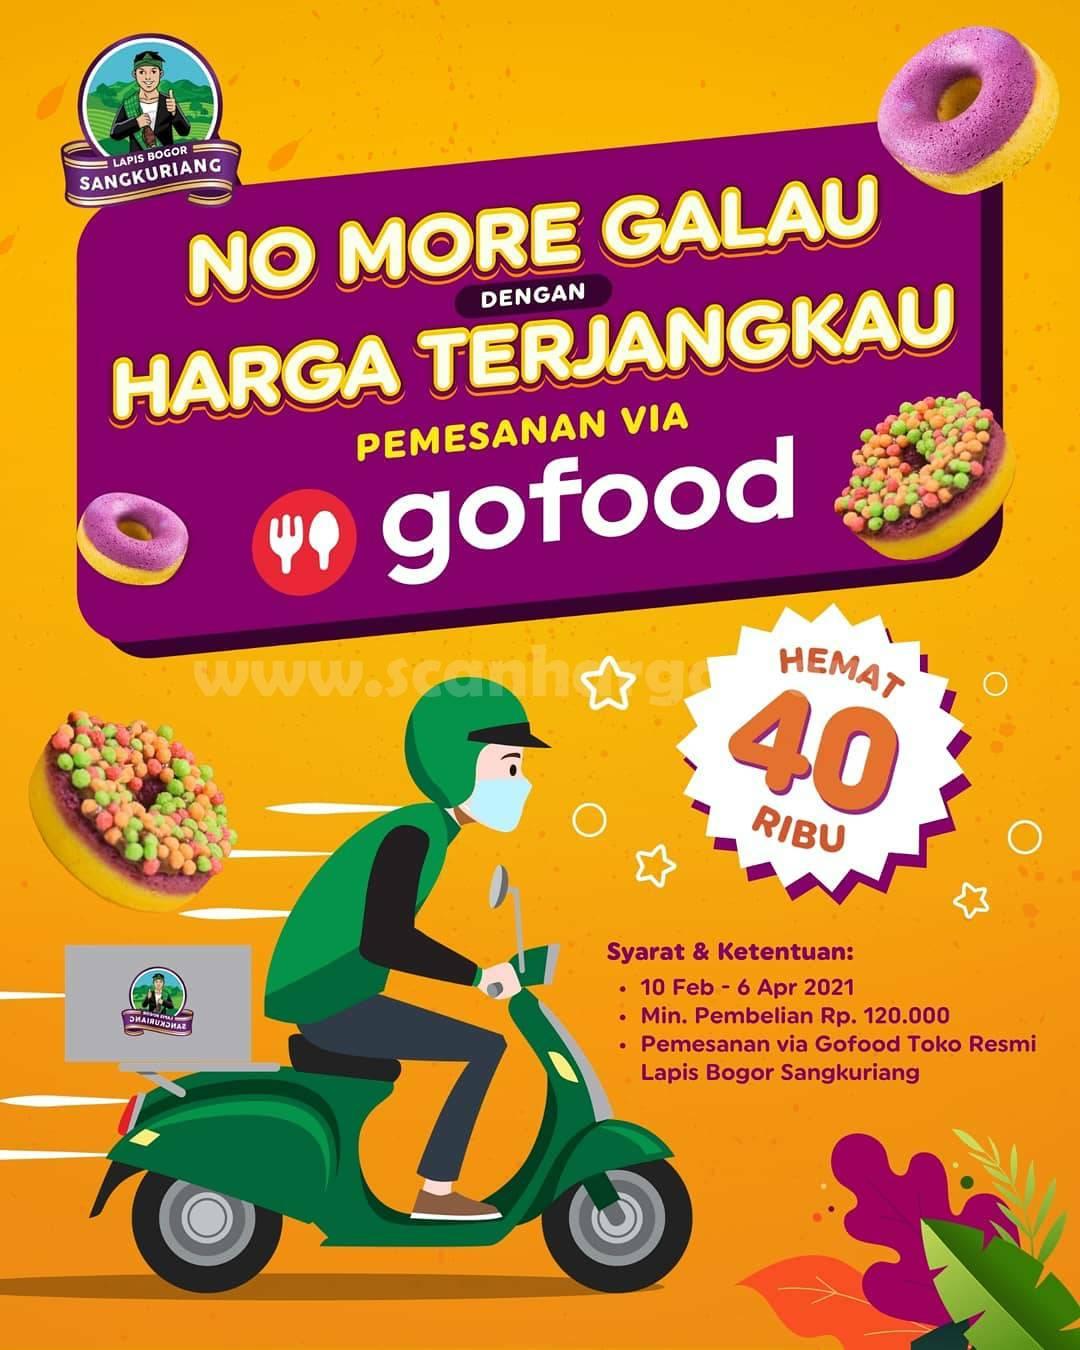 Lapis Bogor Sangkuriang Promo GOFOOD! Hemat Hingga Rp 40.000